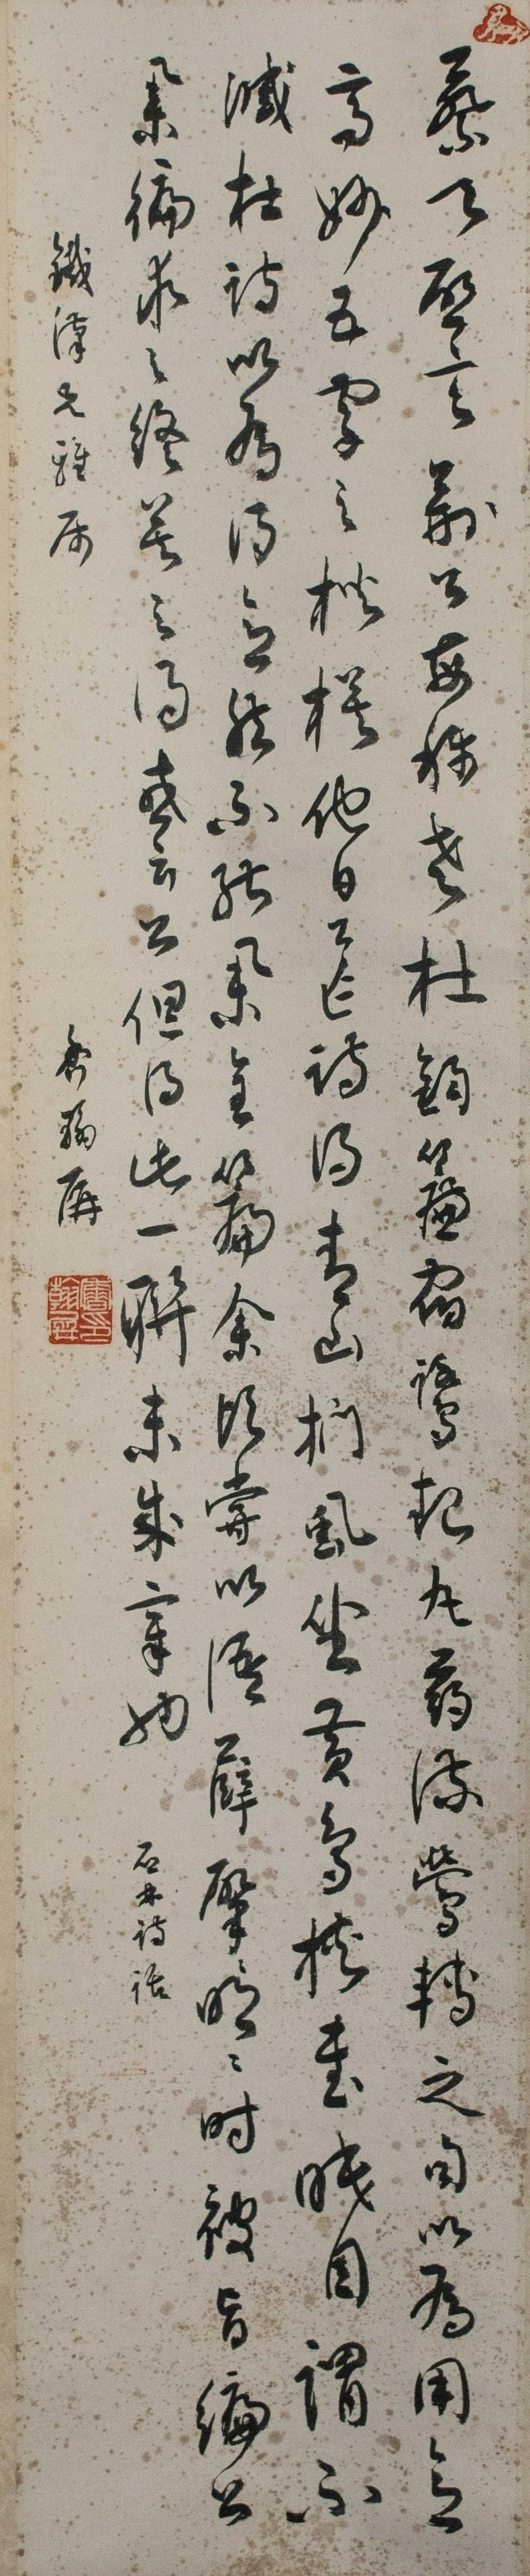 Calligraphy, Xiang Hanping Dedicated to Tiehan